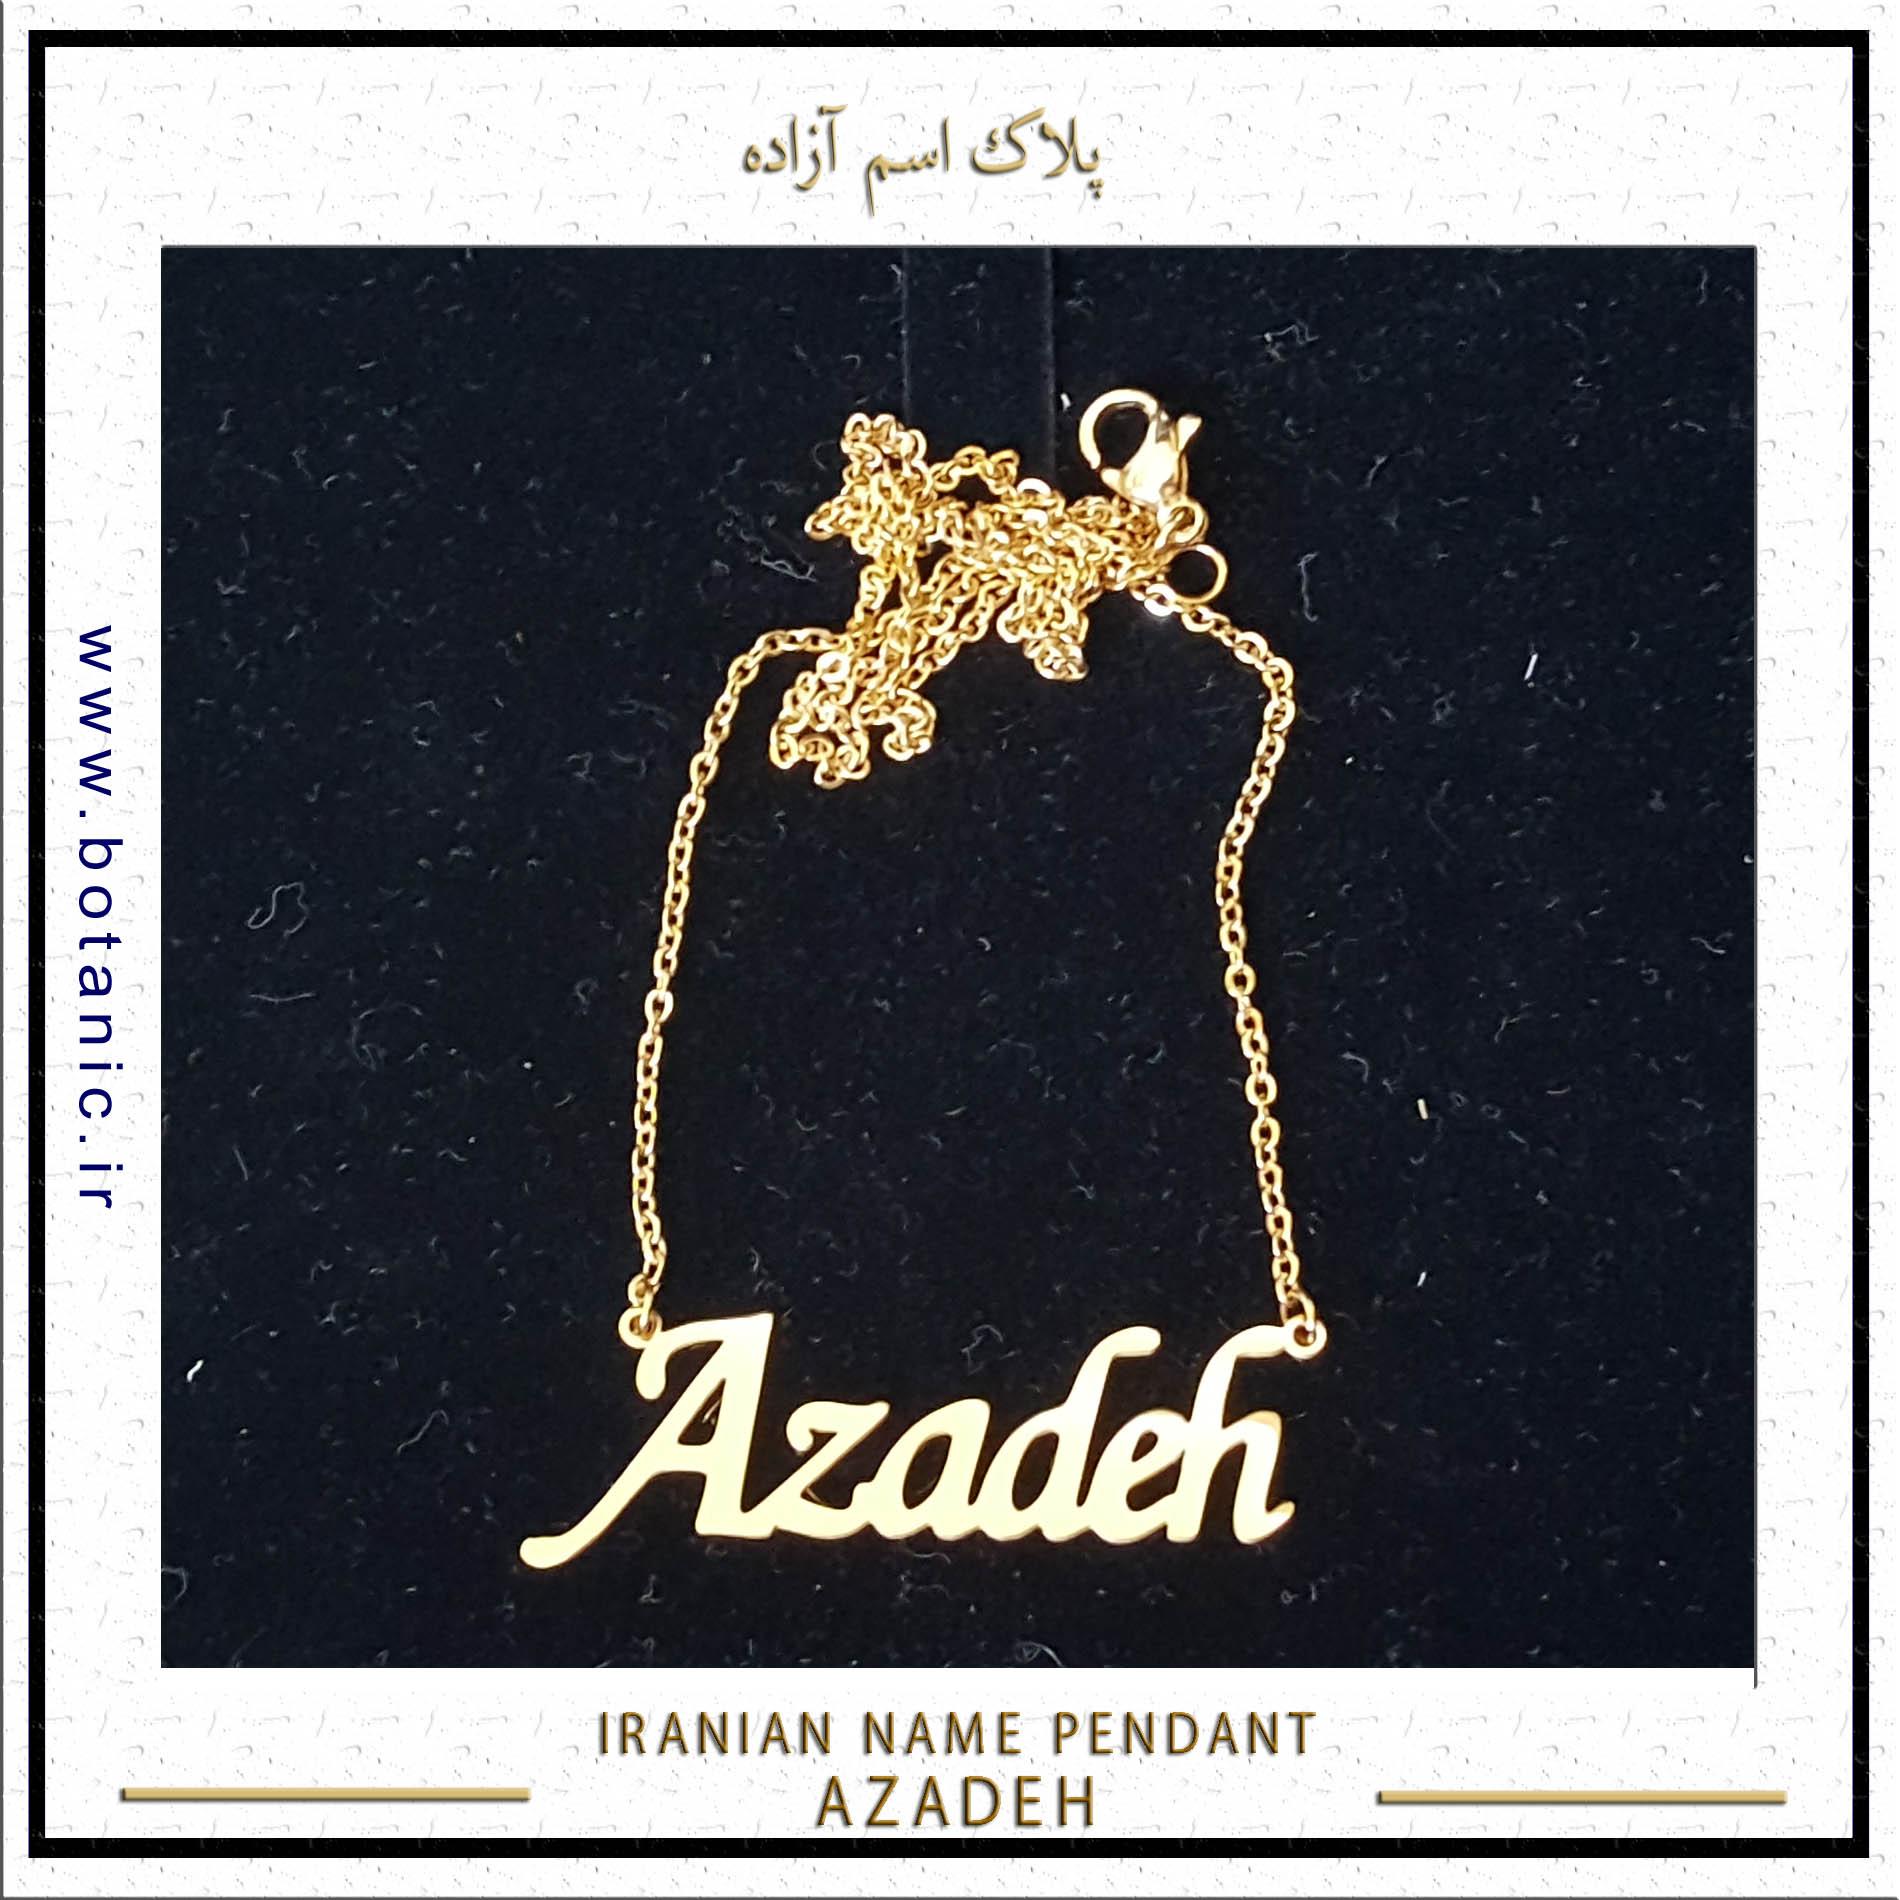 Iranian Name Pendant Azadeh